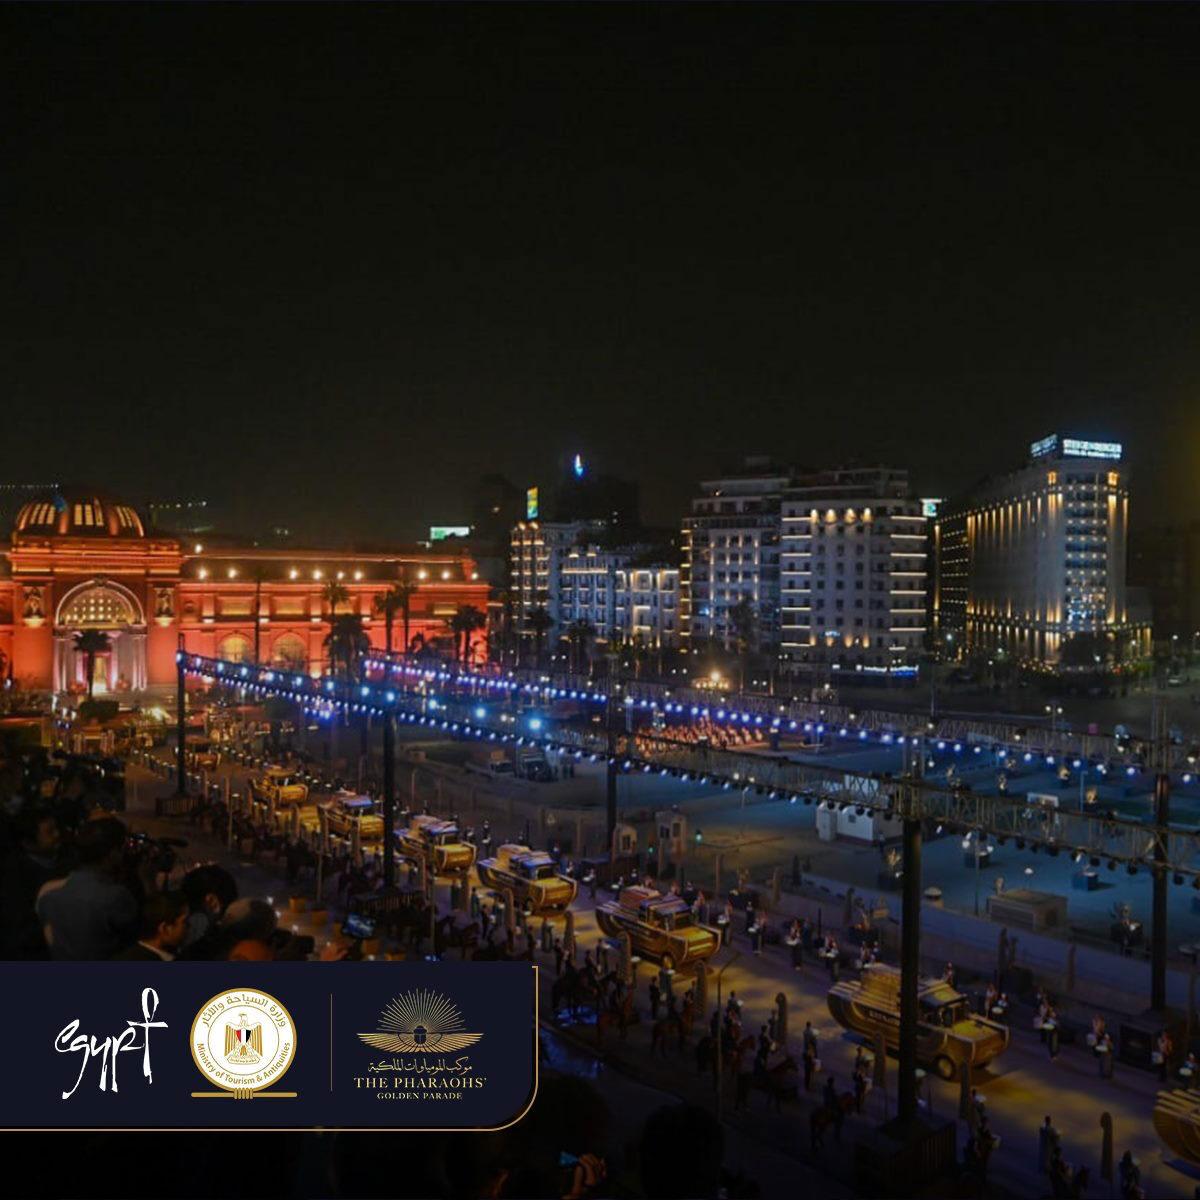 Η Χρυσή Παρέλαση των Φαραώ στο Κάιρο